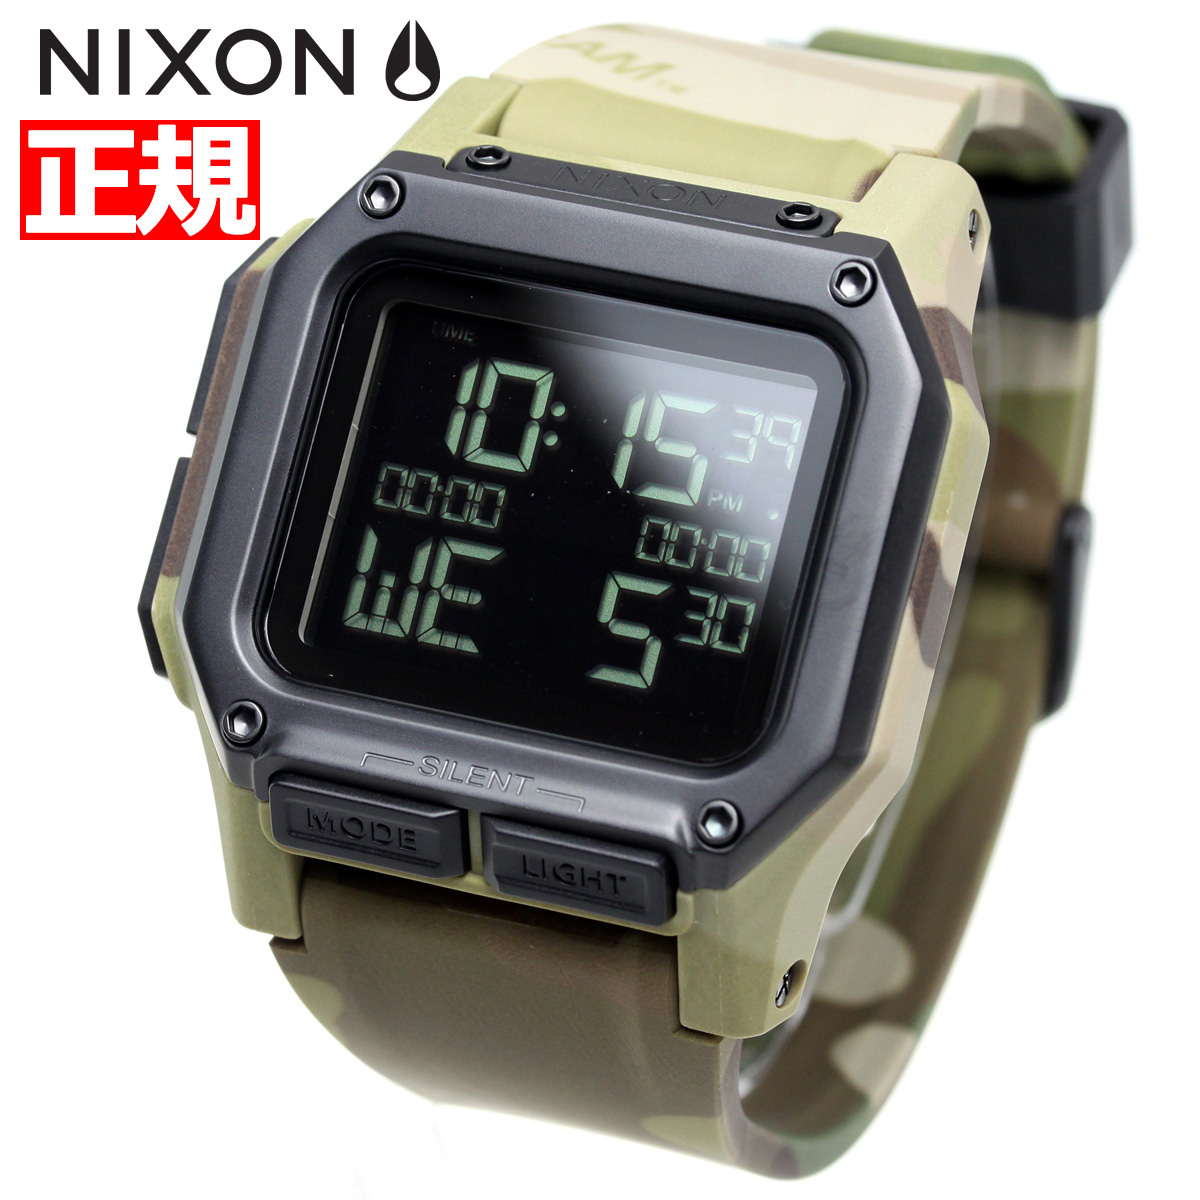 ニクソン NIXON レグルス REGULUS 腕時計 メンズ マルチカム MULTICAM NA11802865-00【2018 新作】